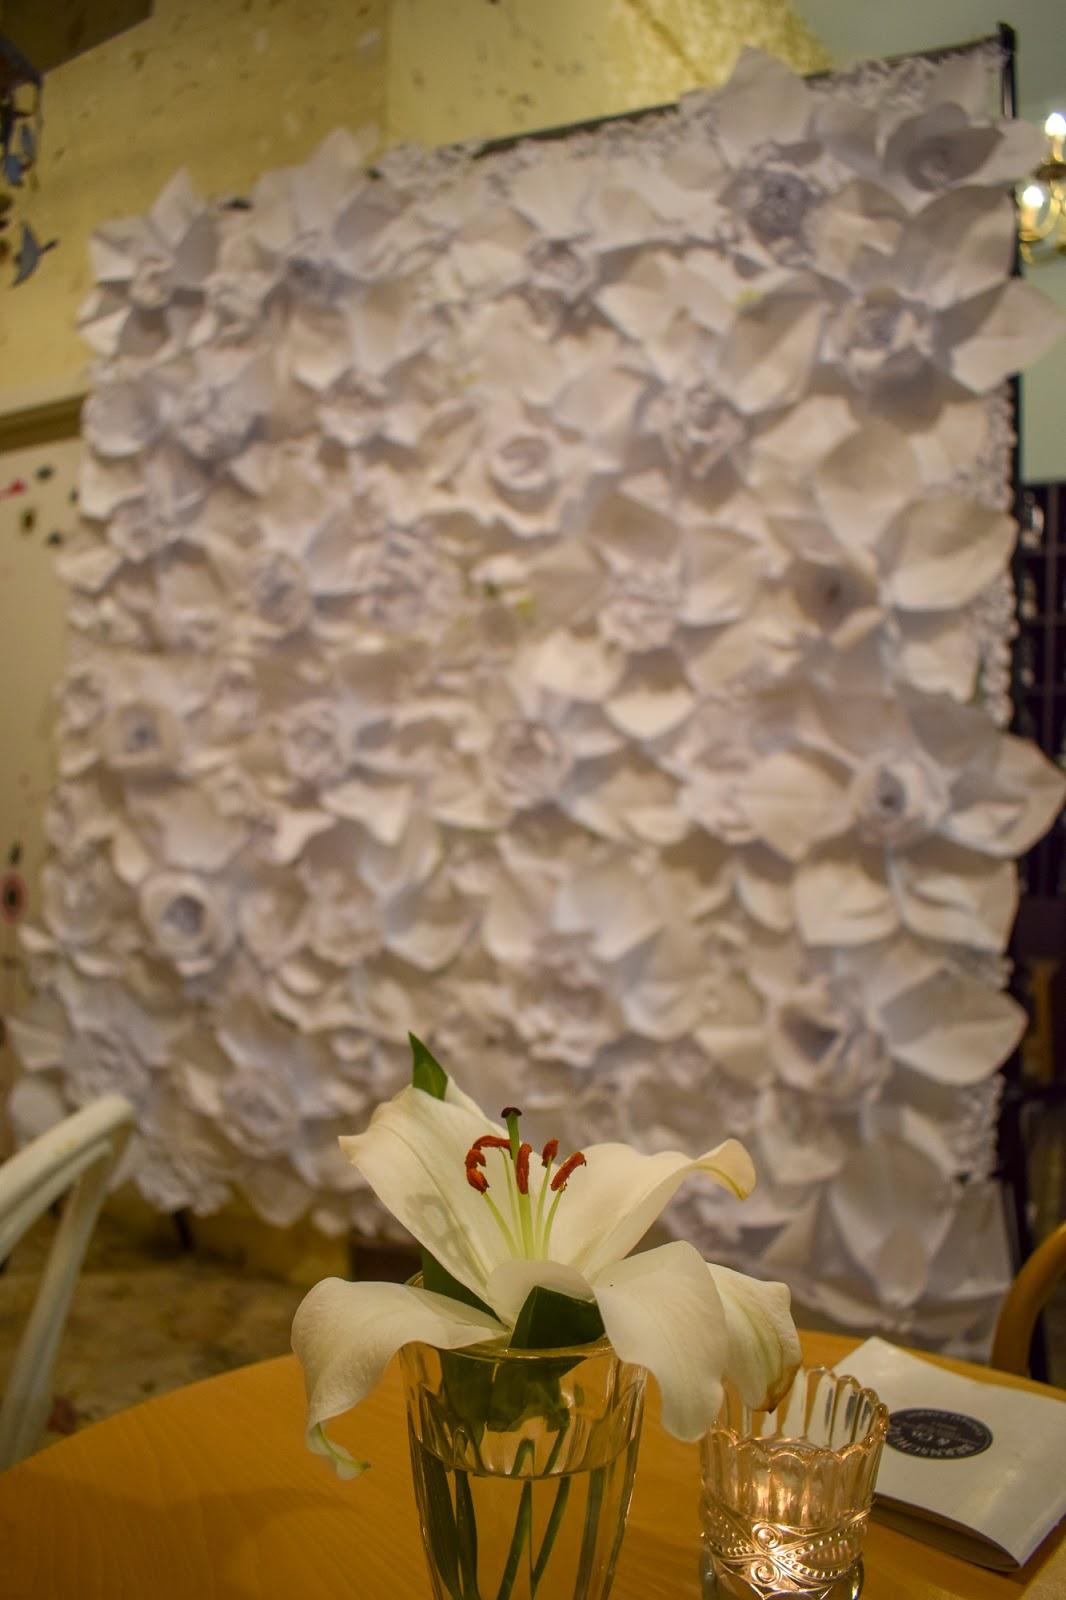 Perete cu flori de hartie decor handmade de inchiriat, bucuresti